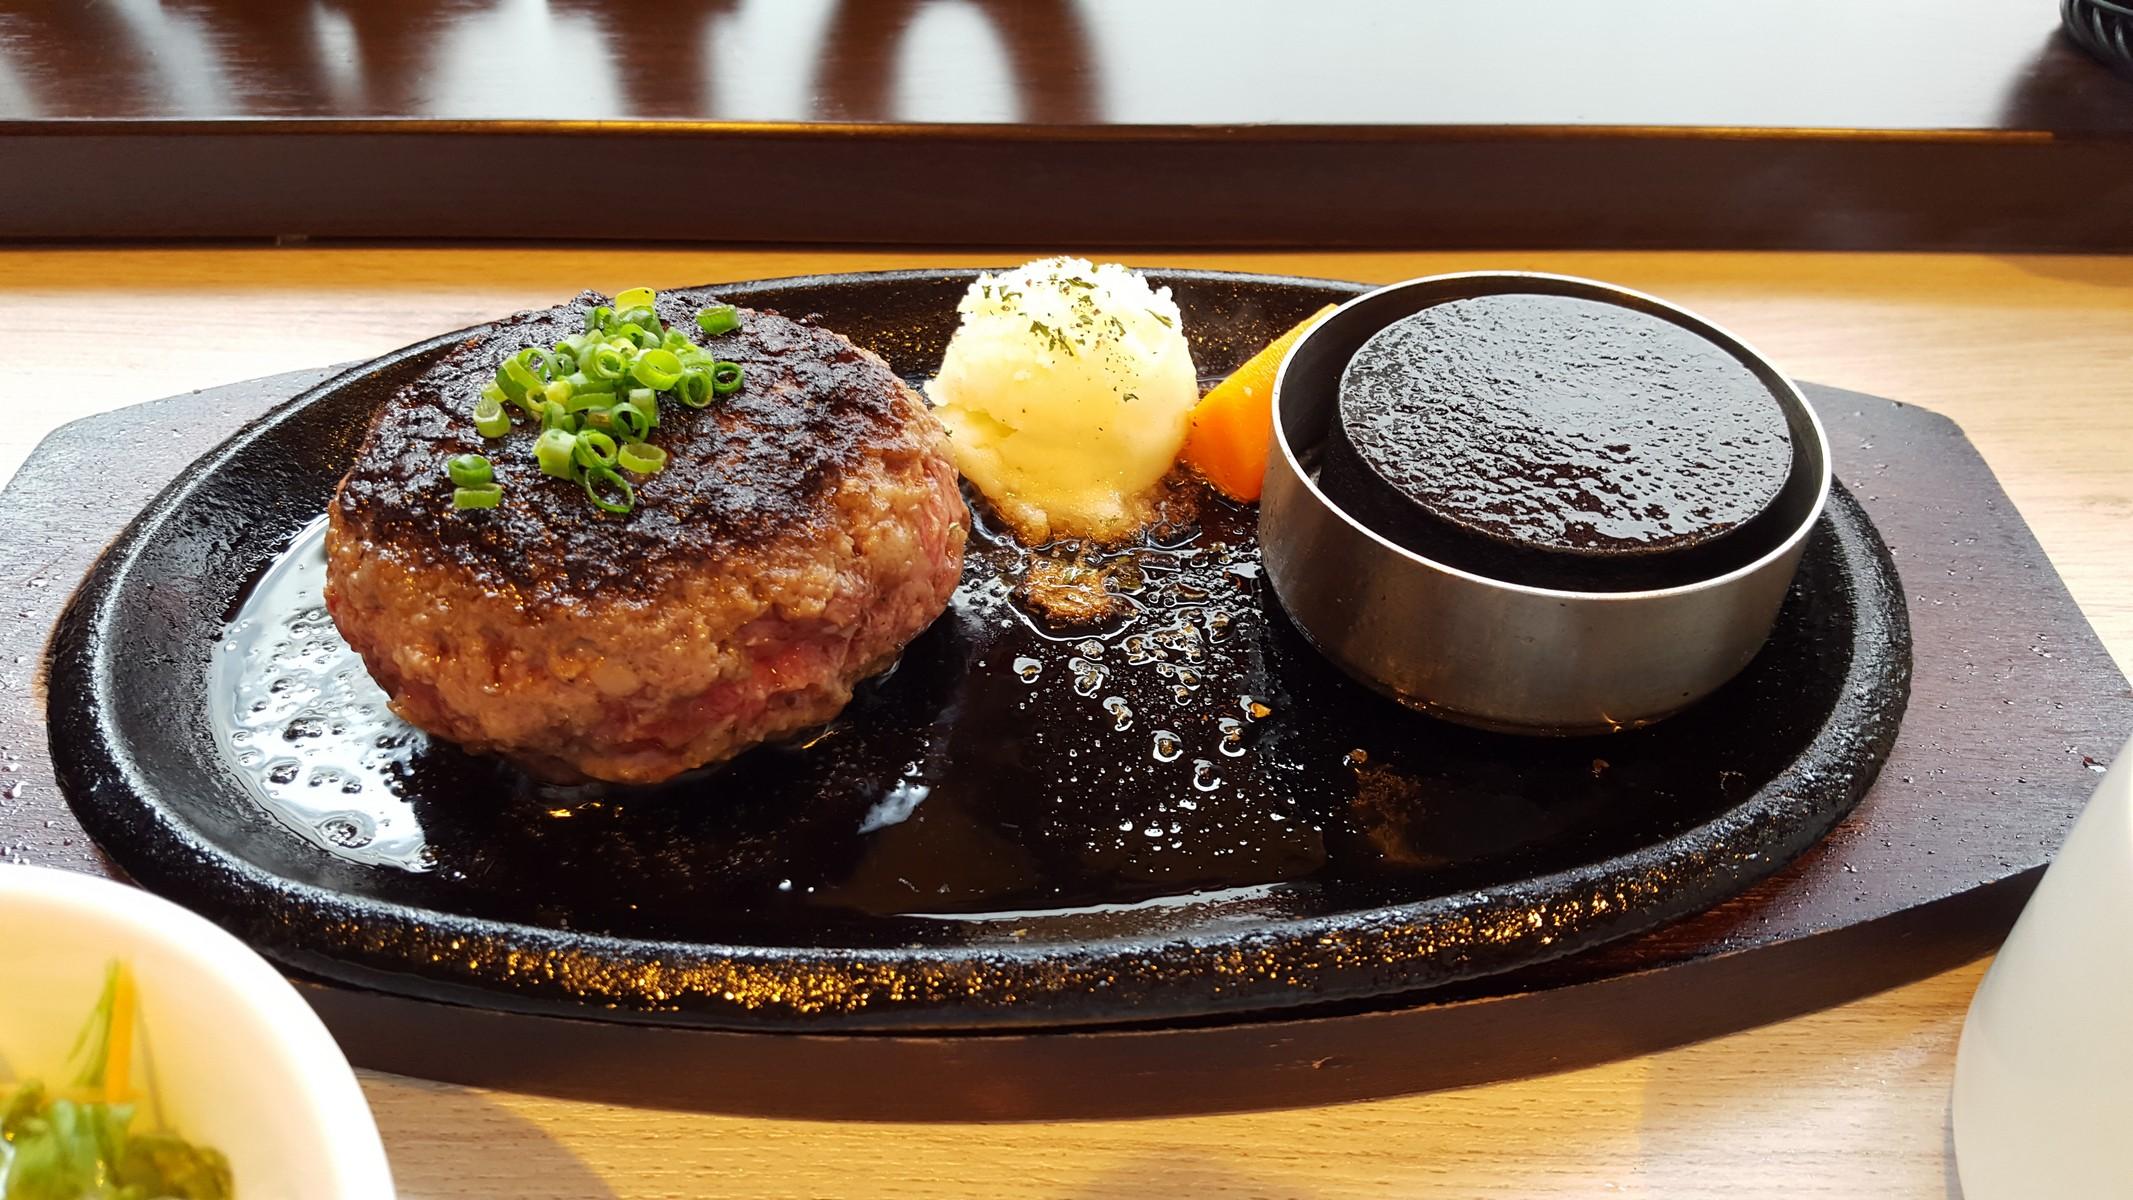 ハンバーグのアップ【TOKIO/神田】